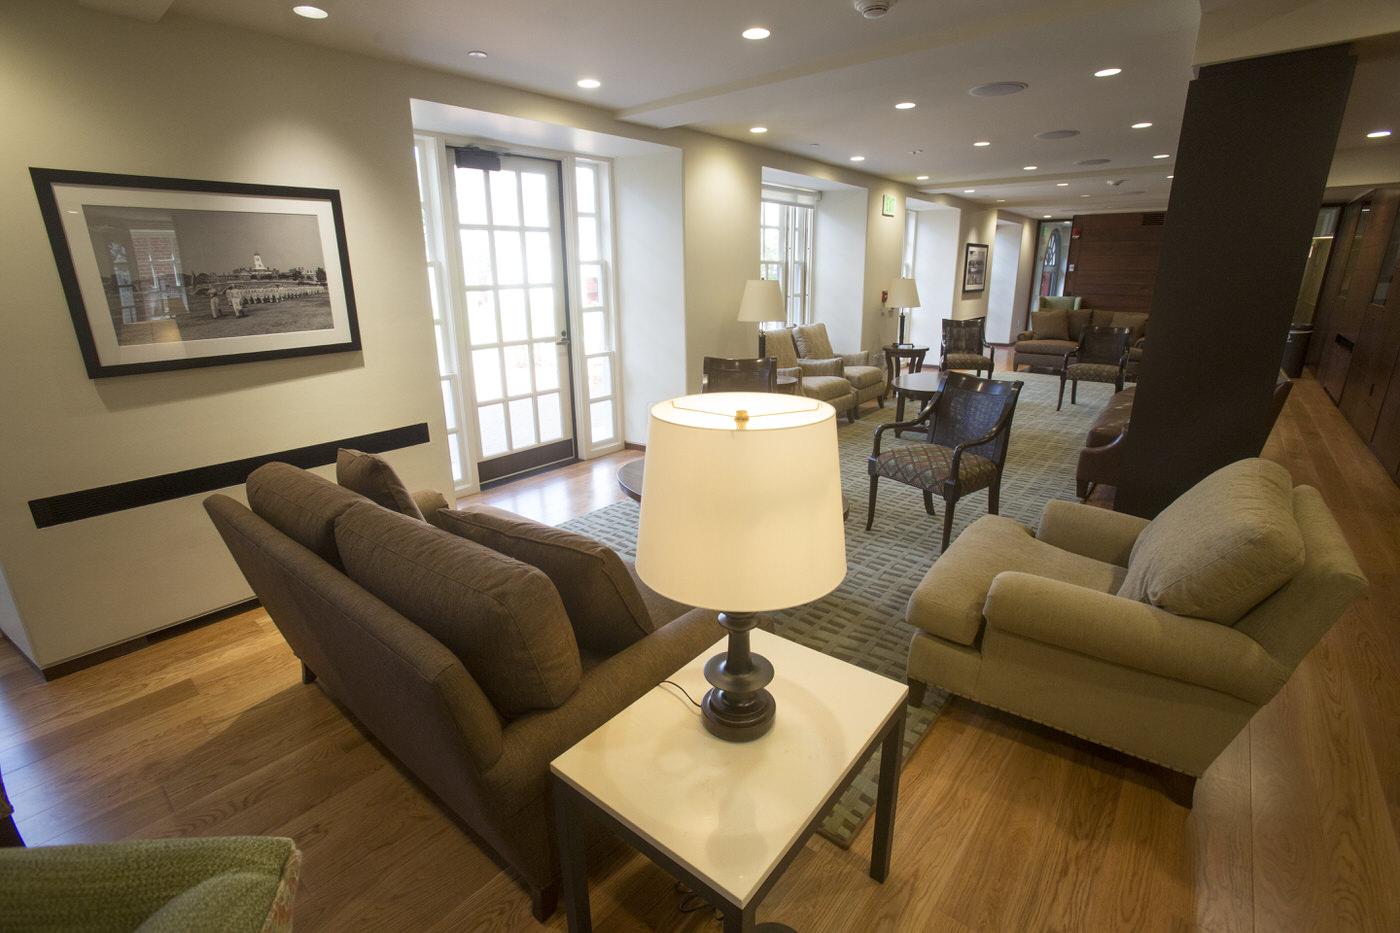 dunster-lounge